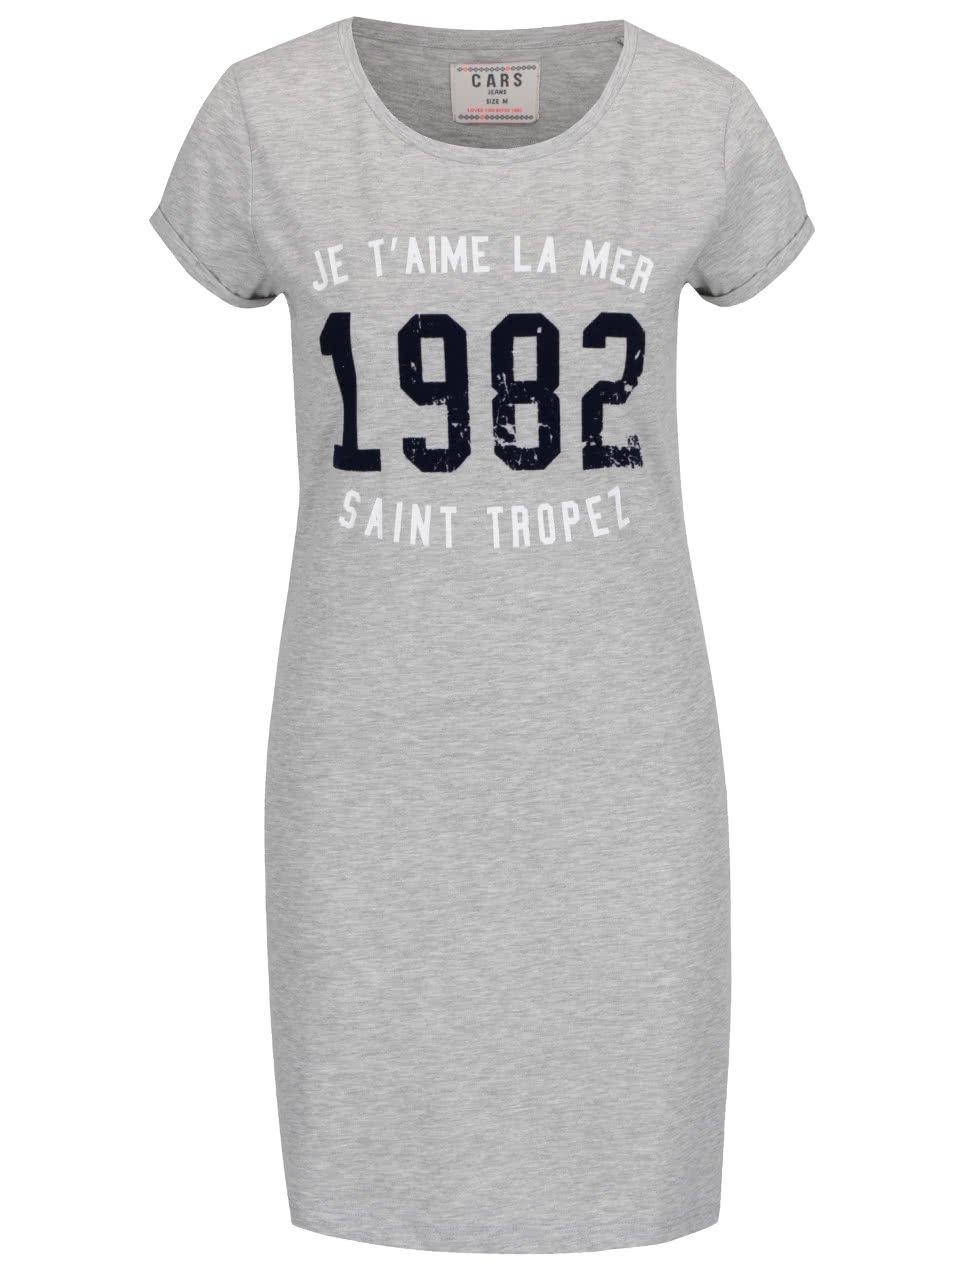 Šedé žíhané dlouhé dámské tričko s potiskem Cars Tropez